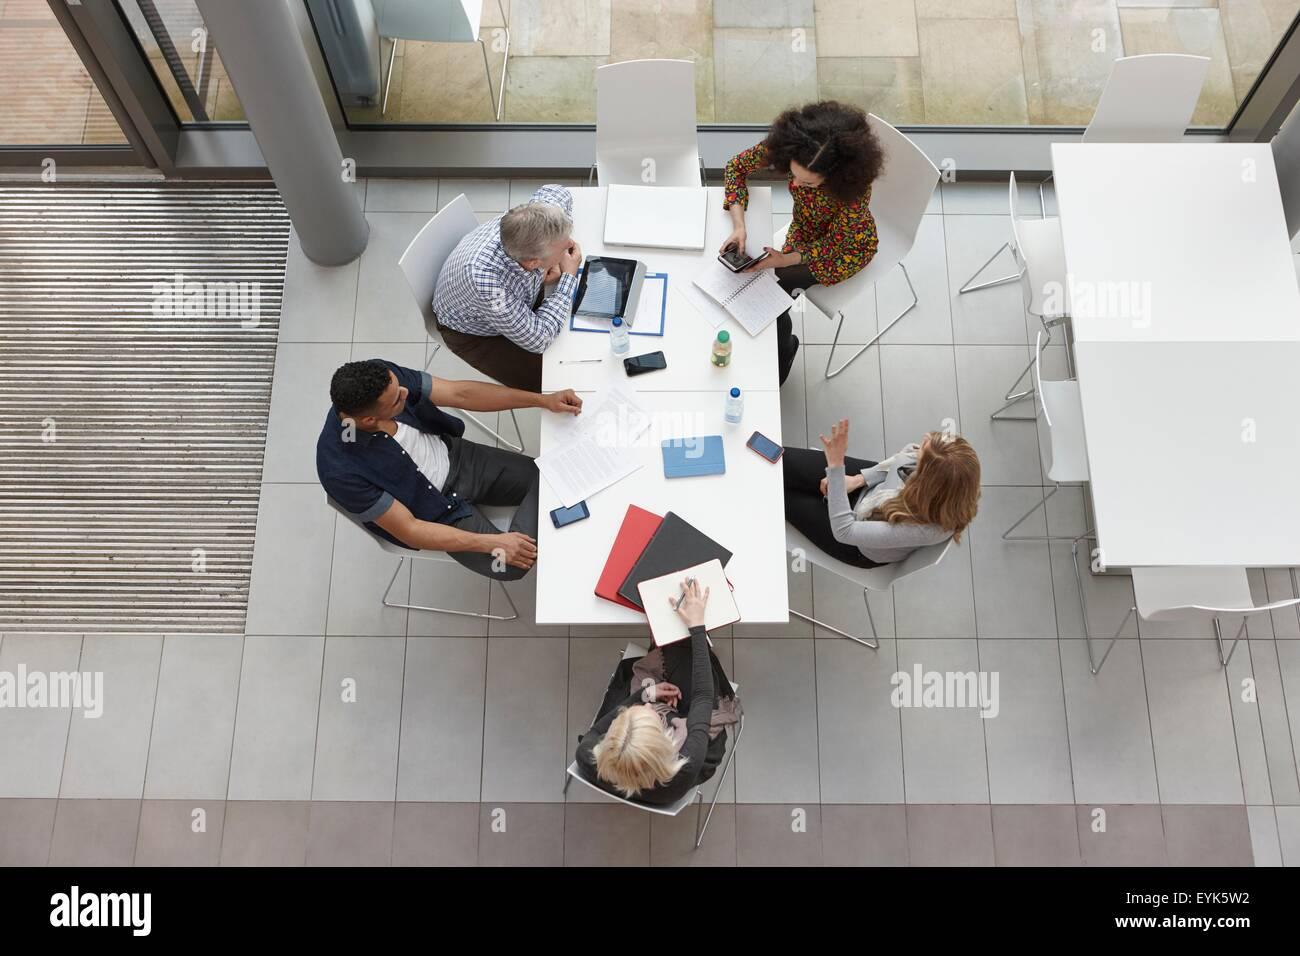 Draufsicht des Business Teams mit Treffen am Konferenztisch Stockfoto